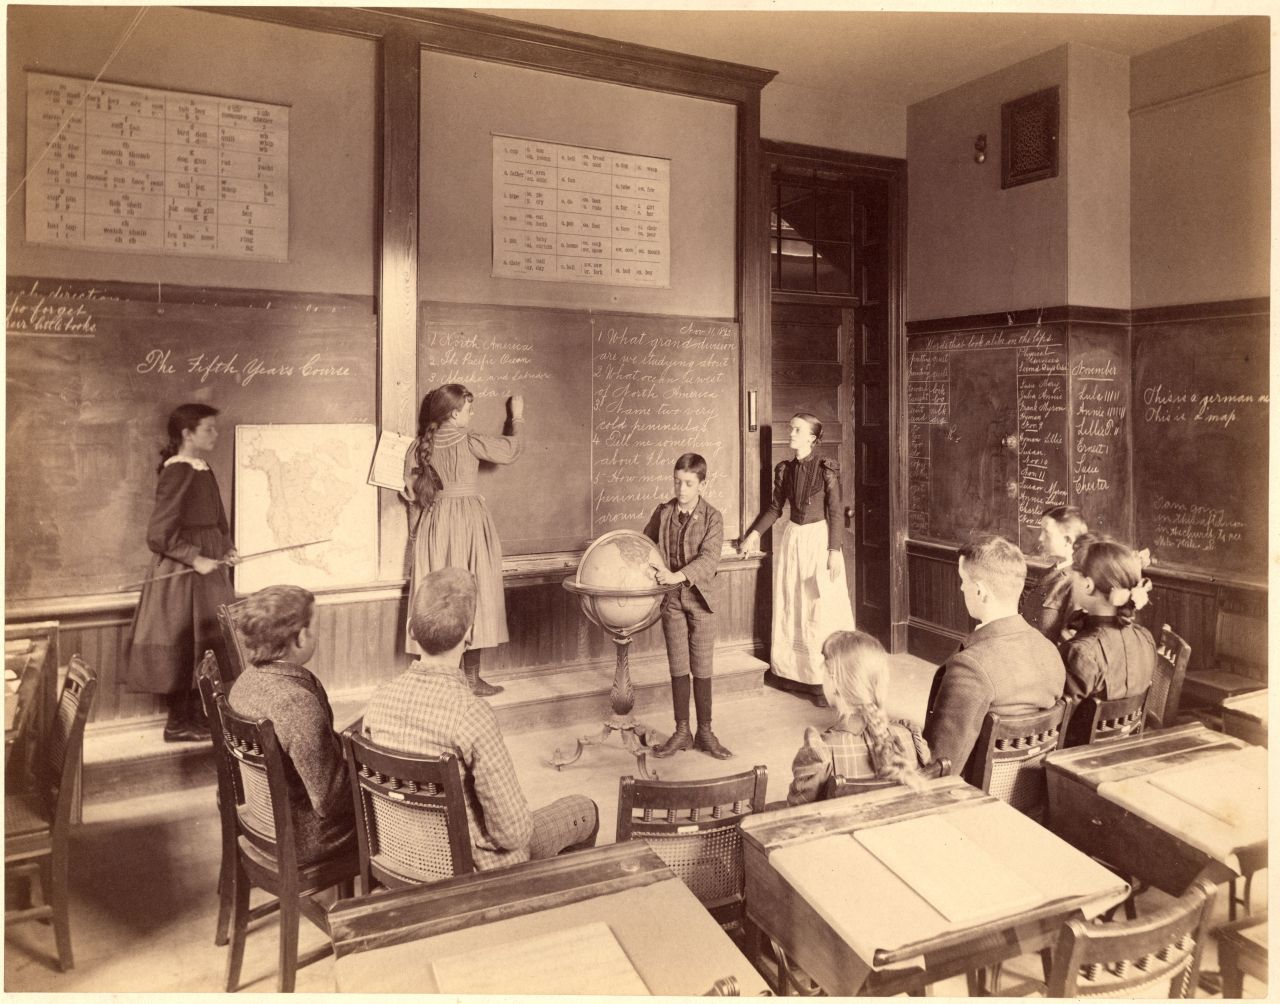 Классная комната мисс Кейт Хобарт, 11 ноября 1892 года, Horace Mann School. Фото— городской архив Бостона, коллекционный номер 420.047.